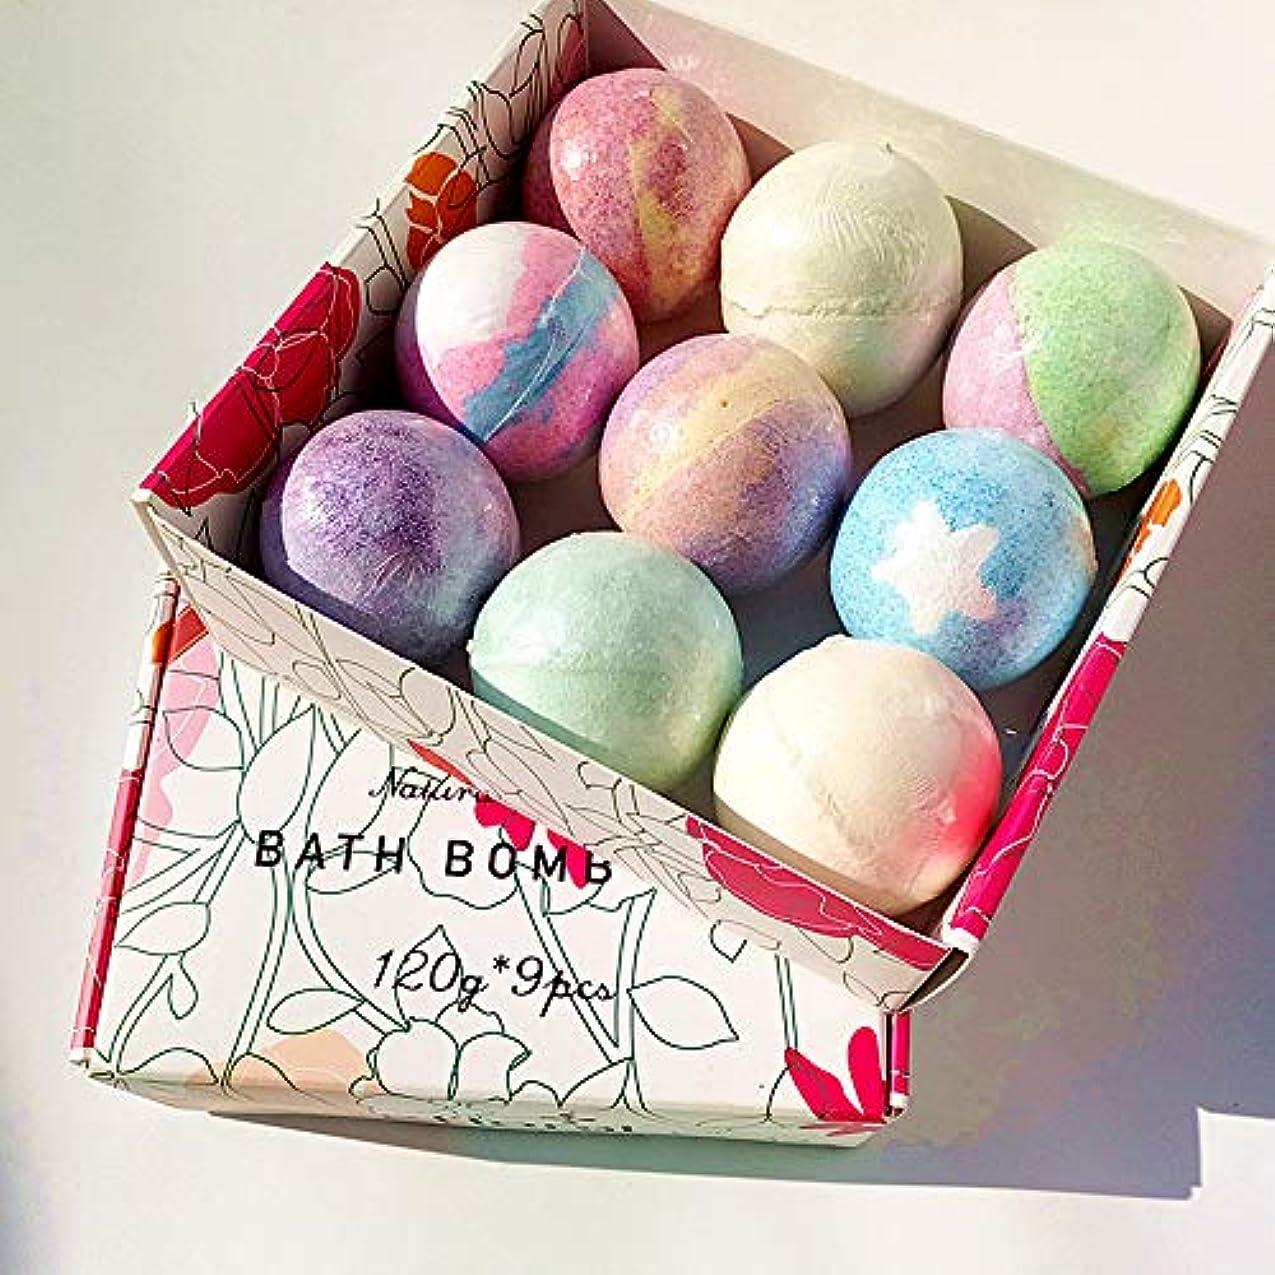 バスボム 炭酸 入浴剤 ギフト 手作り お風呂用 9つの香りキット 天然素材 カラフル バスボール 母の日 プレゼント